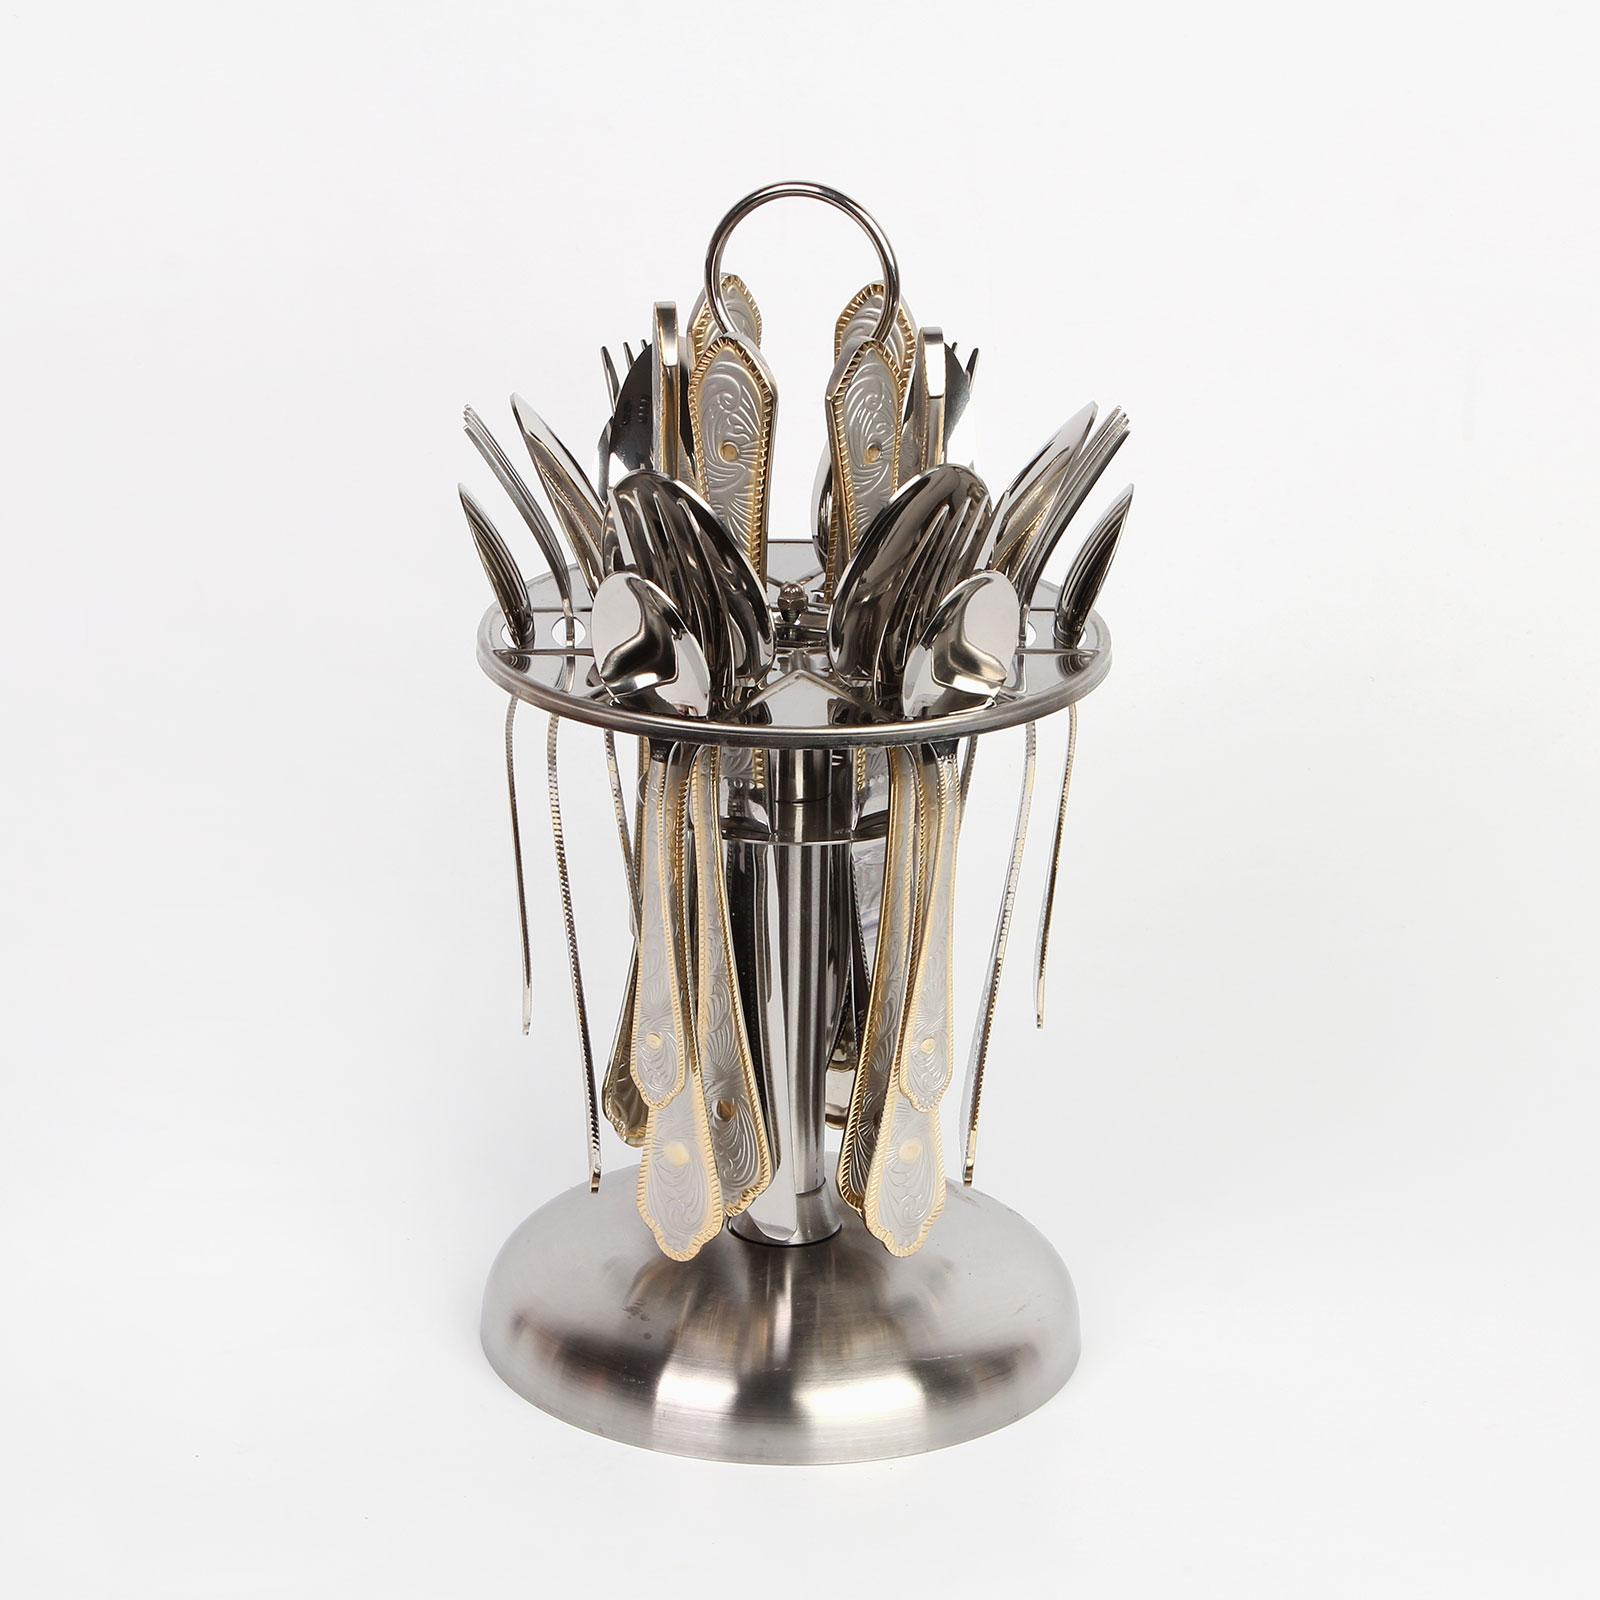 Набор столовых приборов «Магия роскоши»